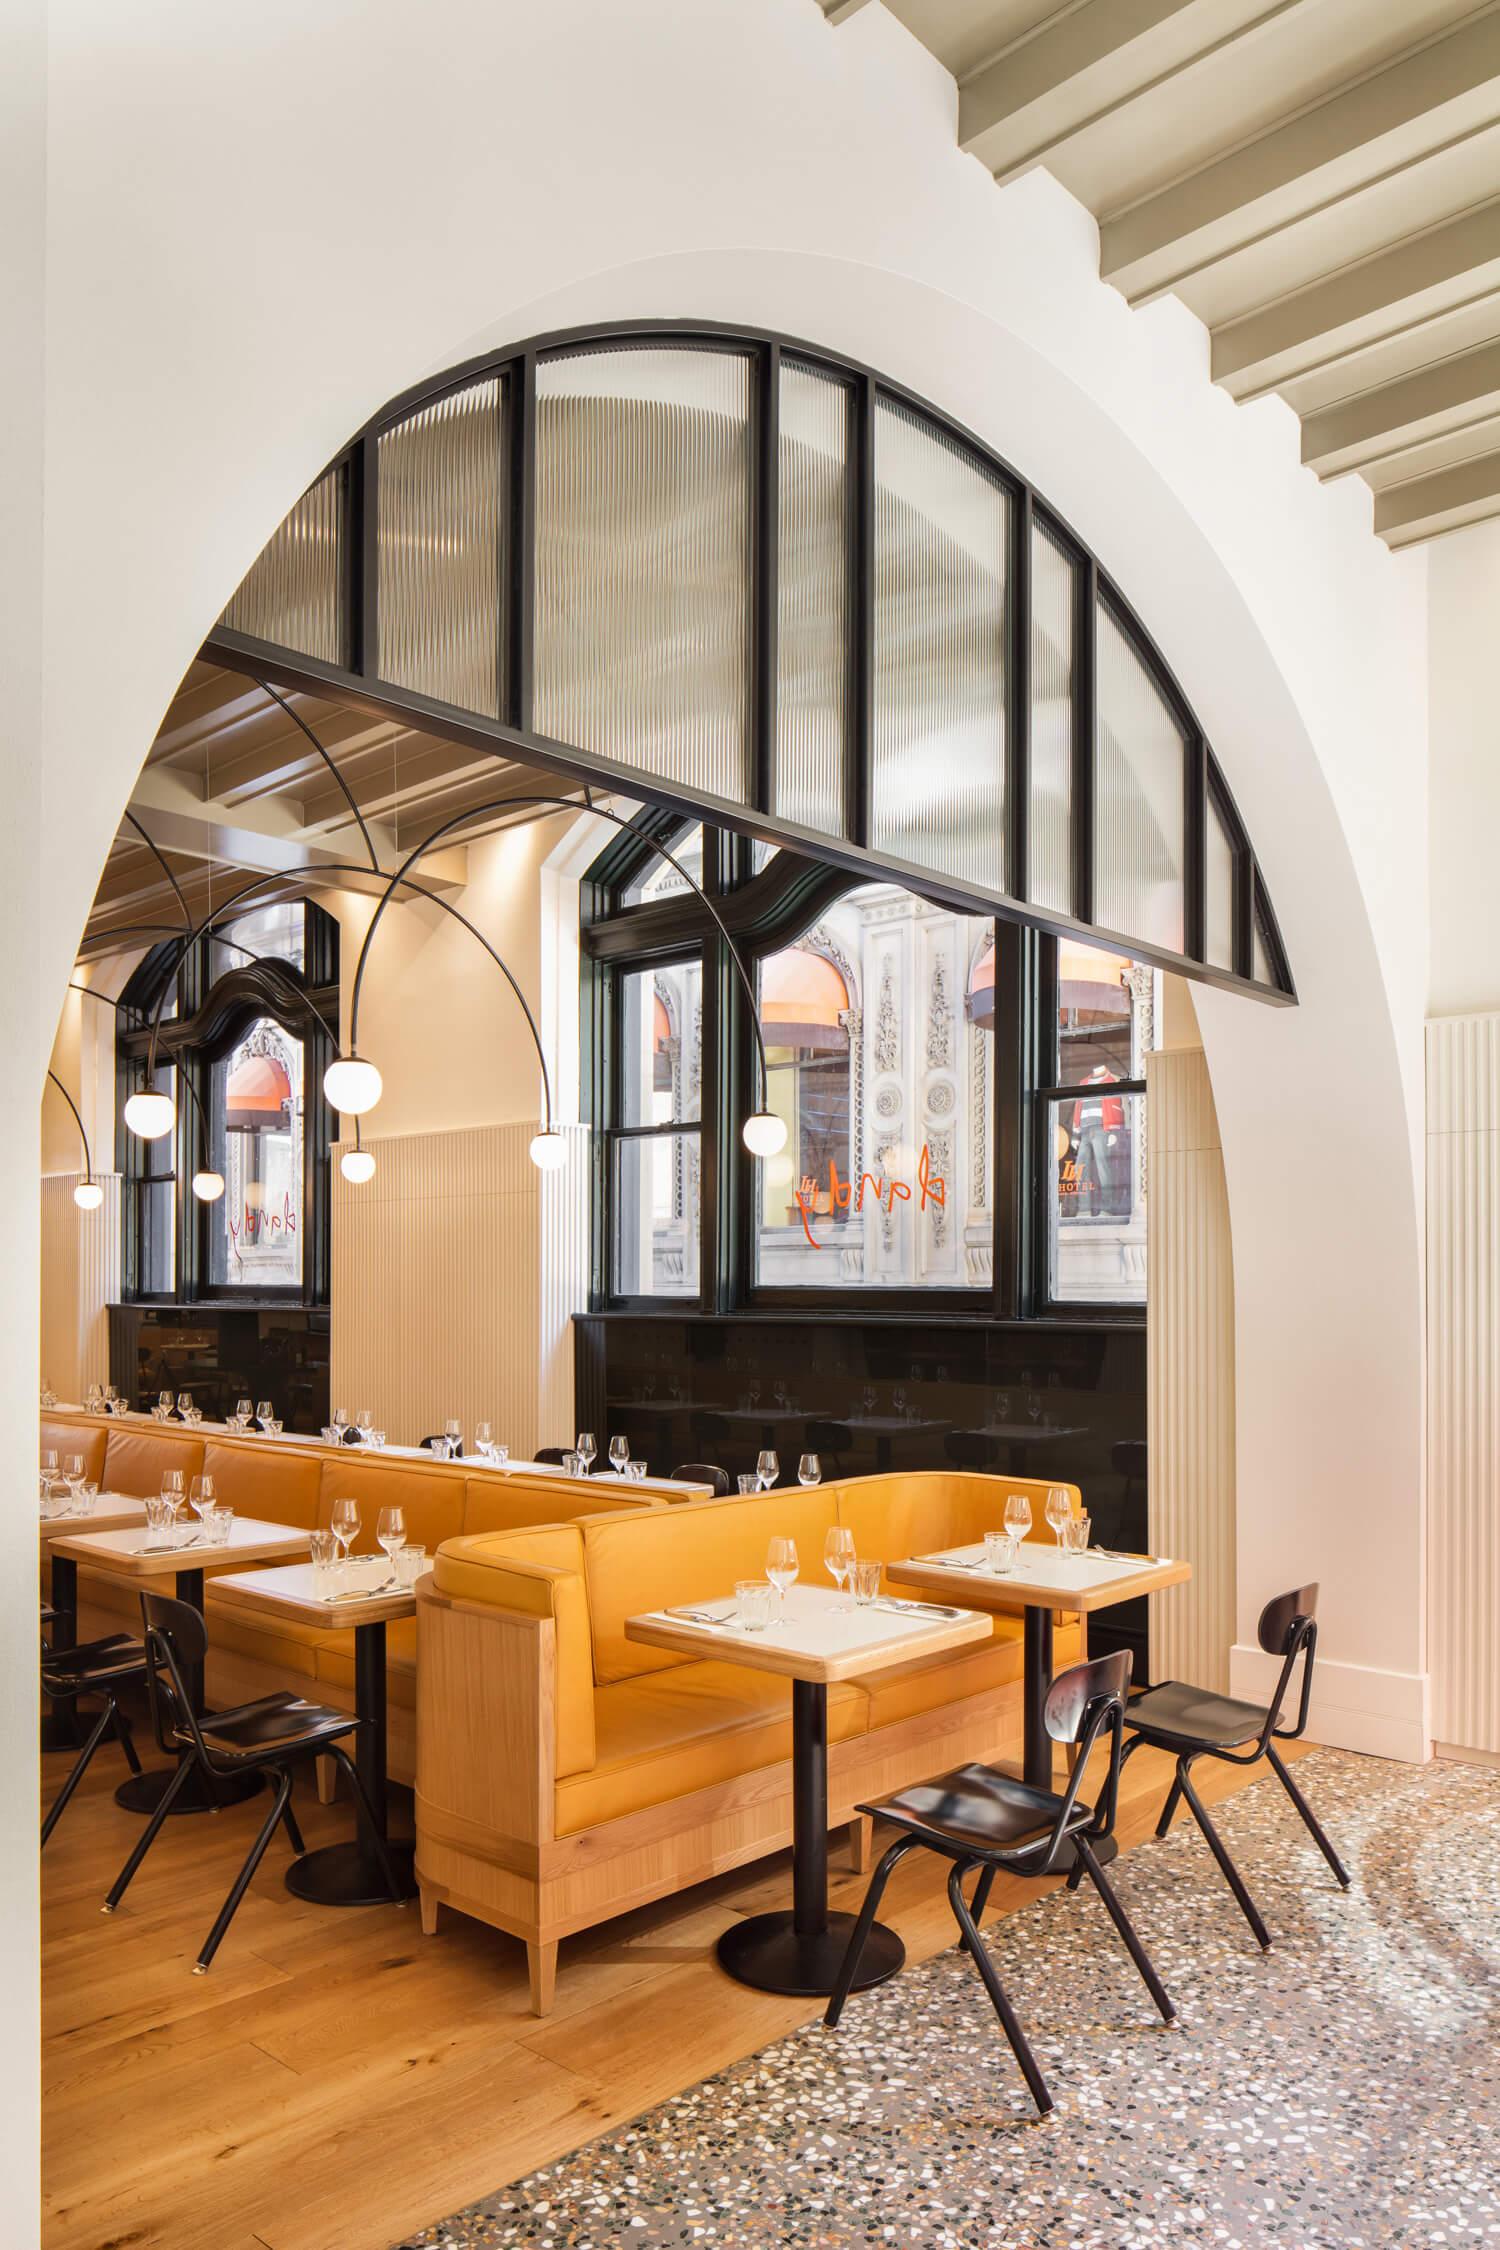 Dandy Restaurant, BlazysGerard, Montreal